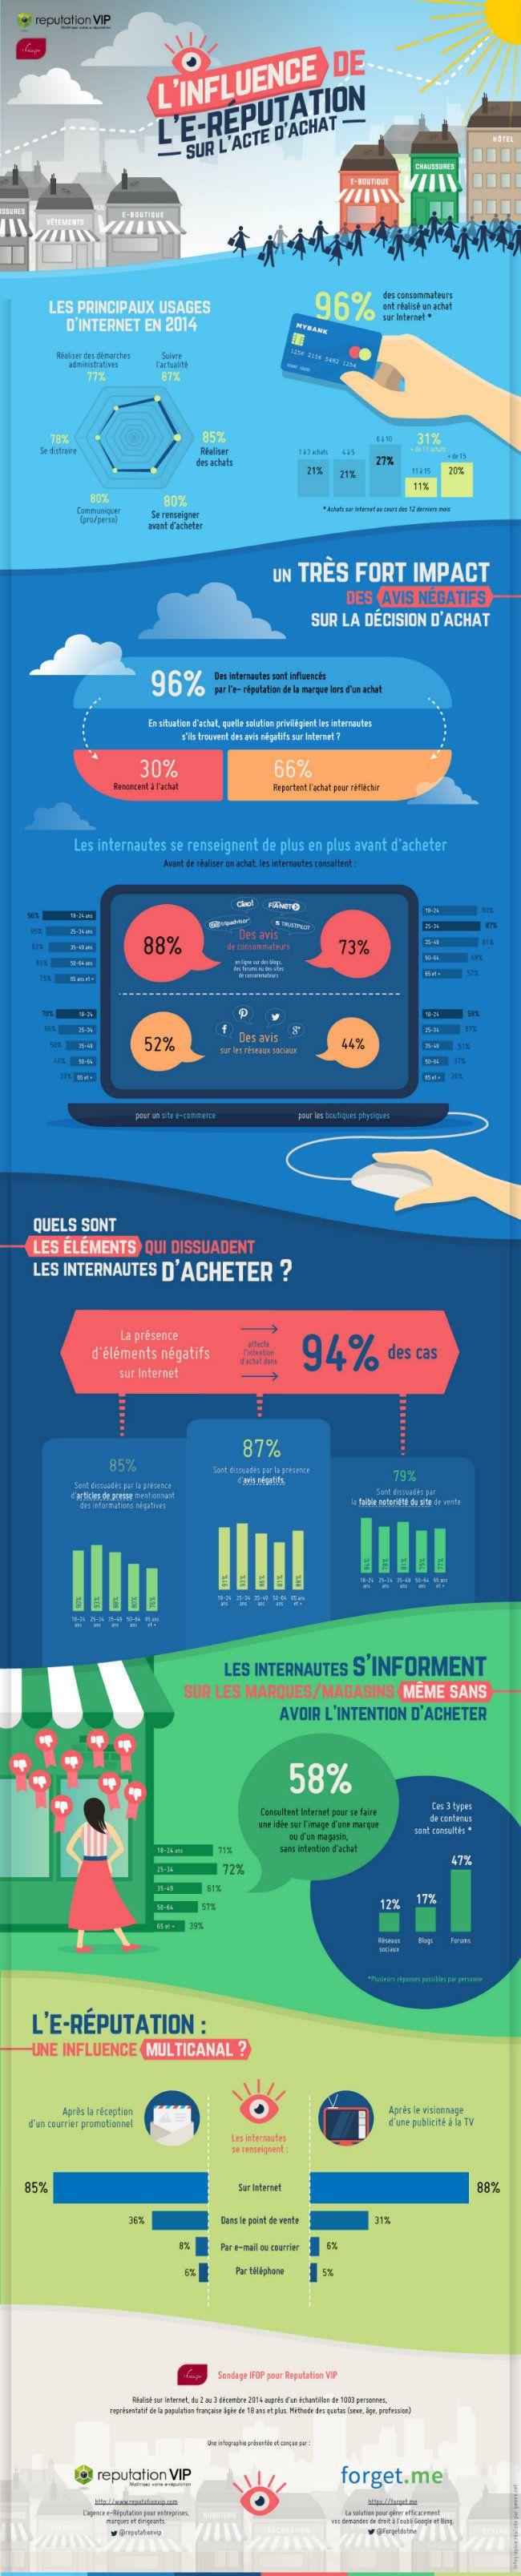 88% des internautes se renseignent sur la e-réputation des sites de commerce en ligne avant d'acheter